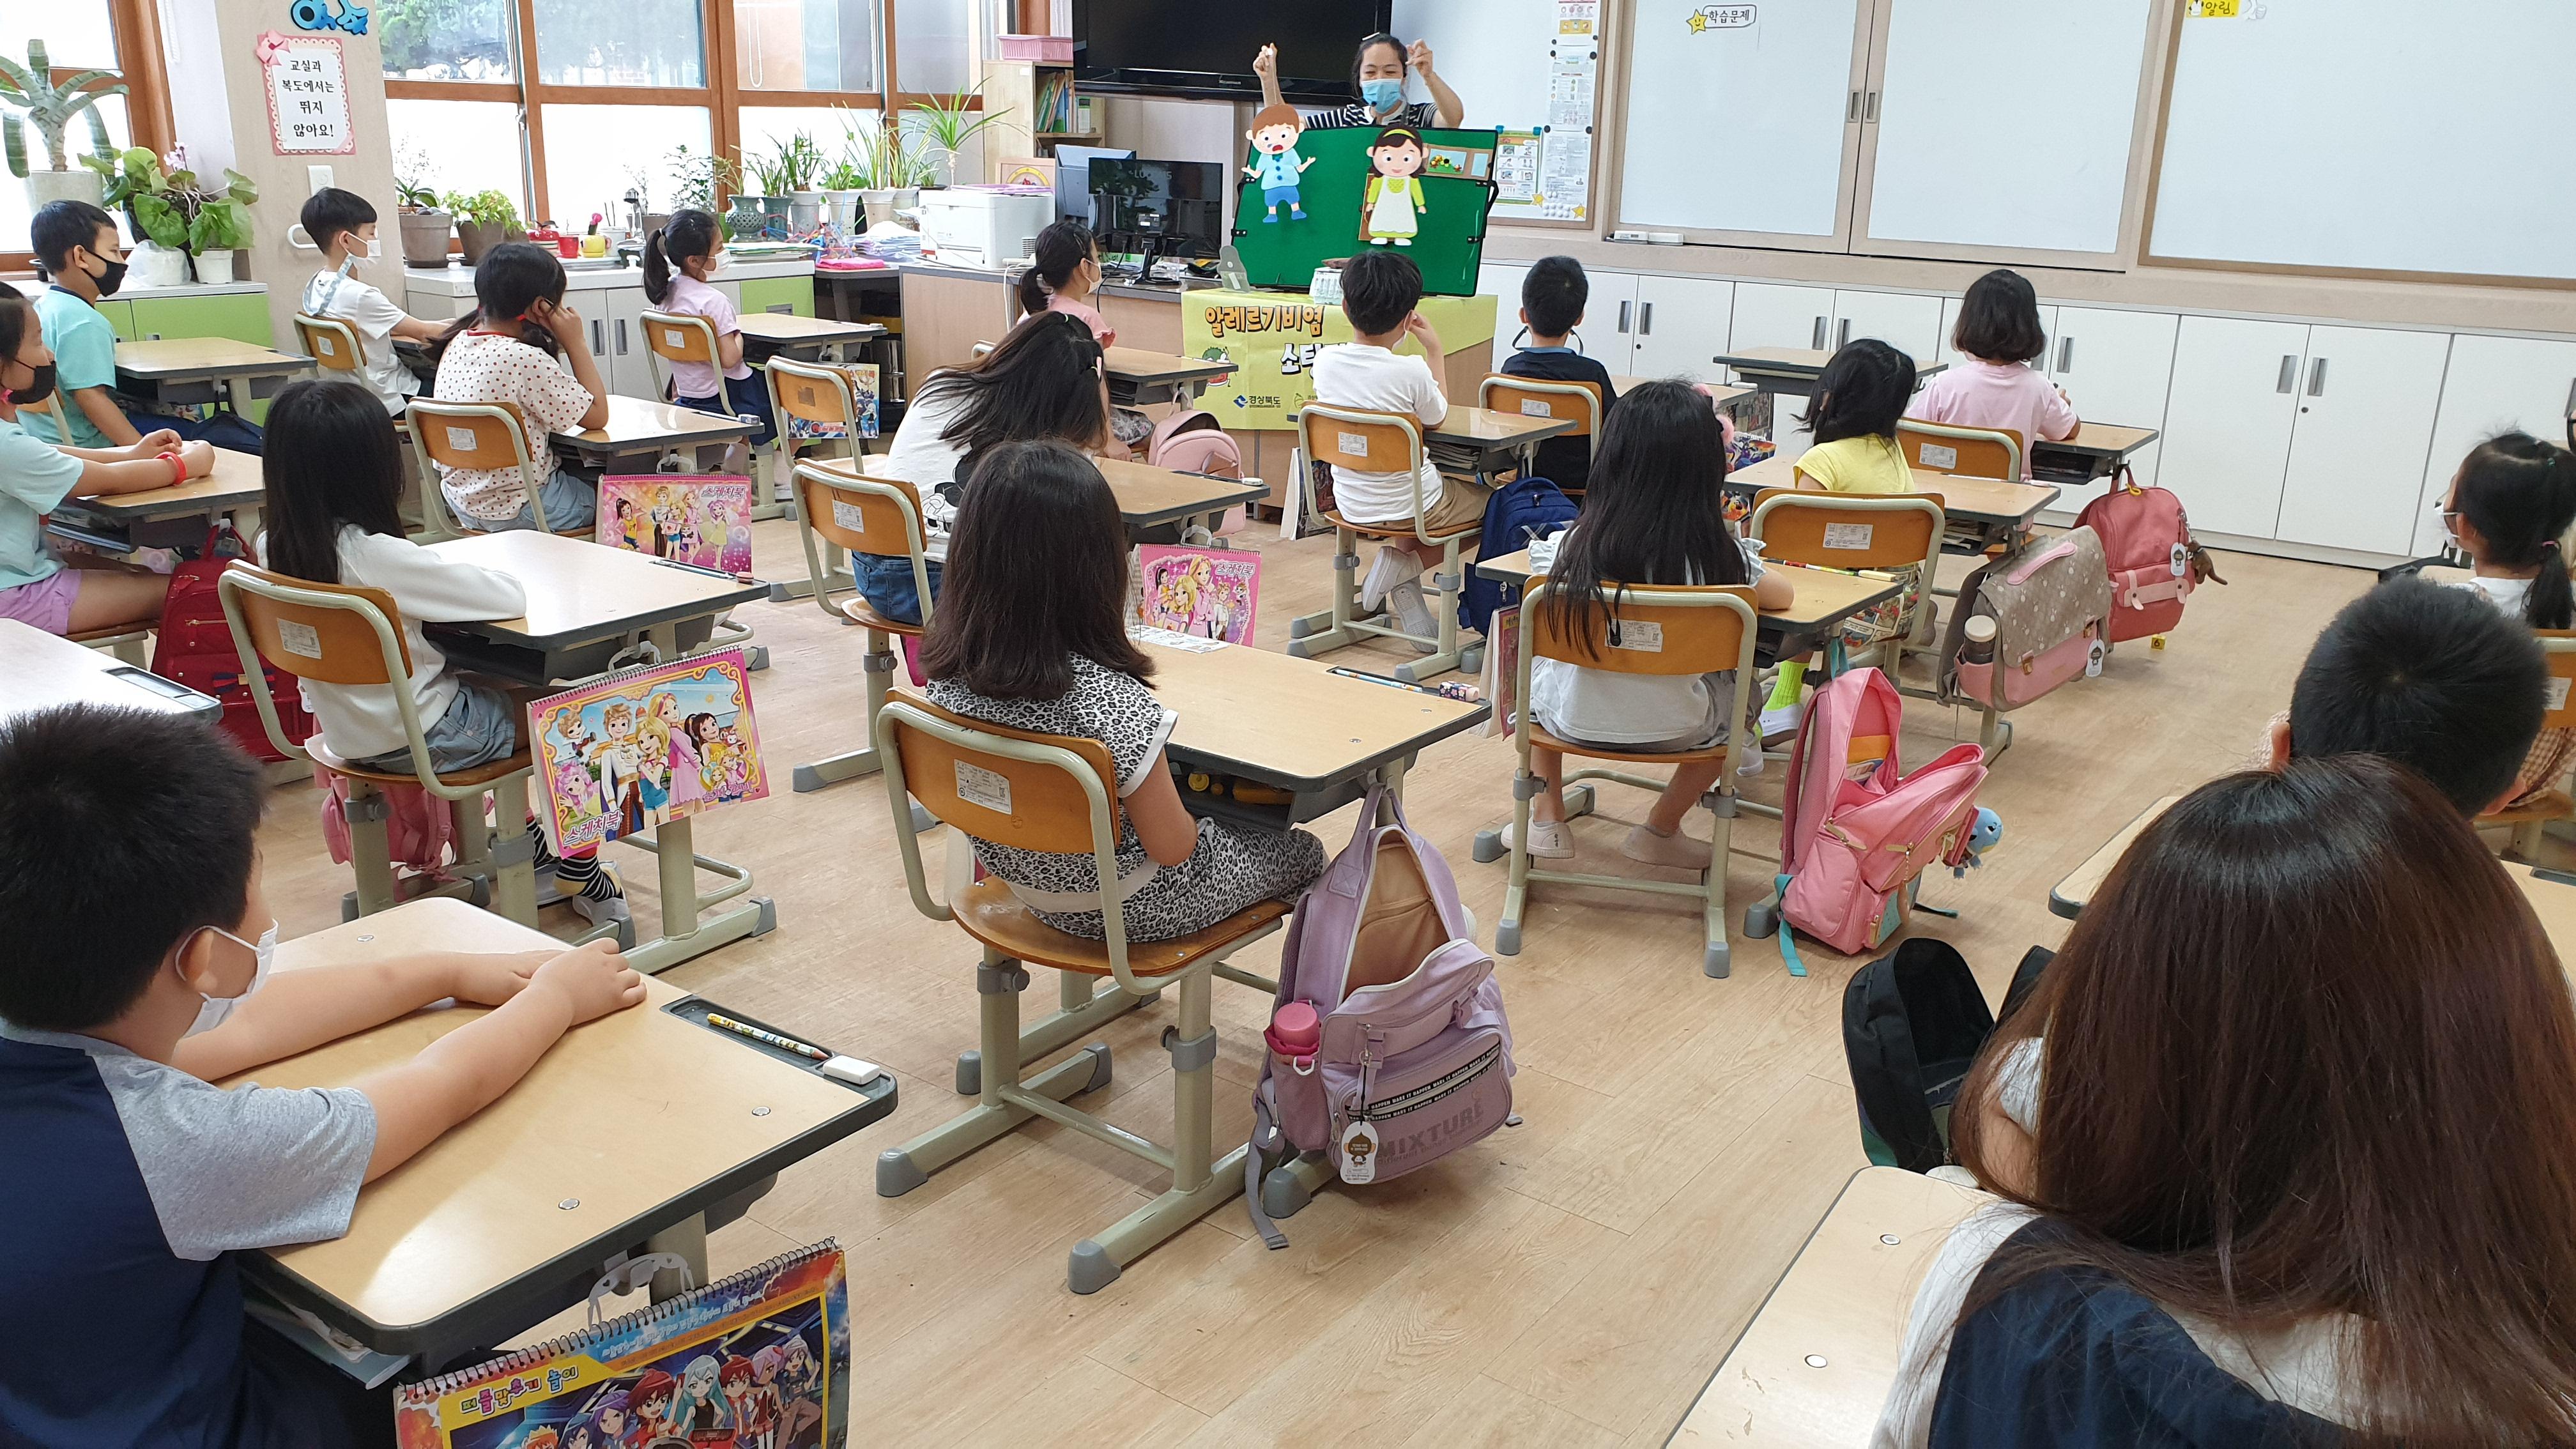 경산시 남천초등학교 학생대상 교육